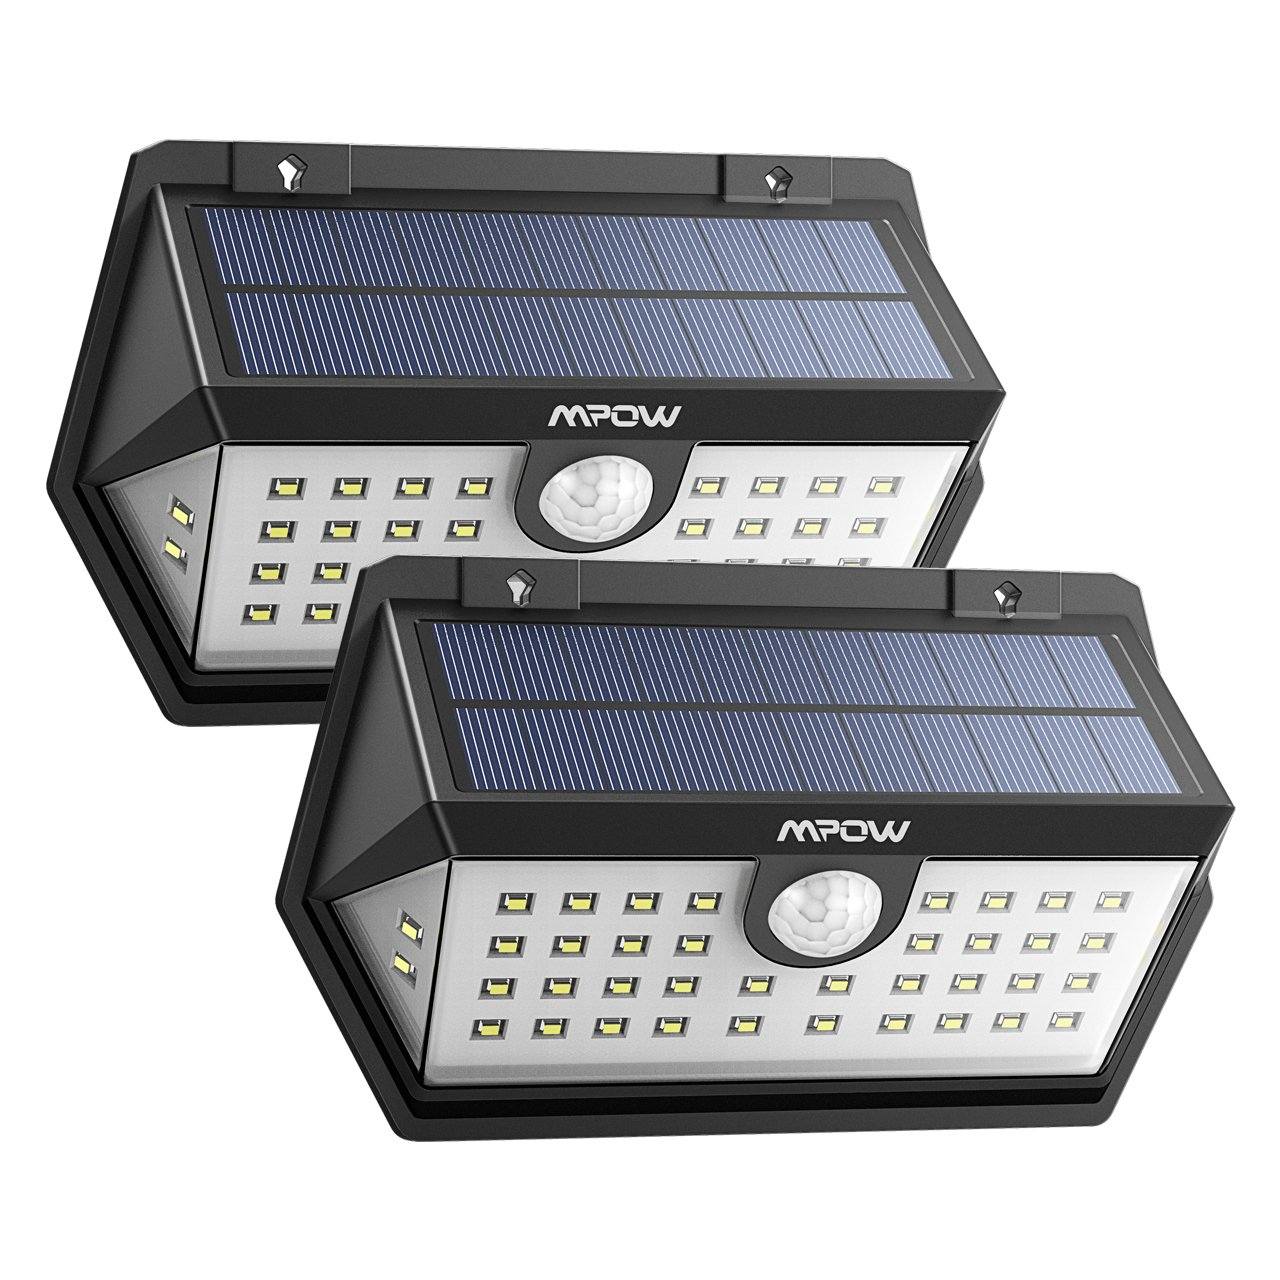 [Nouvelle Génération] Mpow Lampe Solaire Extérieur 2 Pack 40 LED Spot Solaire Etanche IP65, Détecteur de Mouvement, 3 Modes Intelligents, Panneau Solaire Amélioré avec Grand Angle, Luminaire Exterieur pour Allée, Escalier, Jardin, Mur, Maison, Patio etc. product image